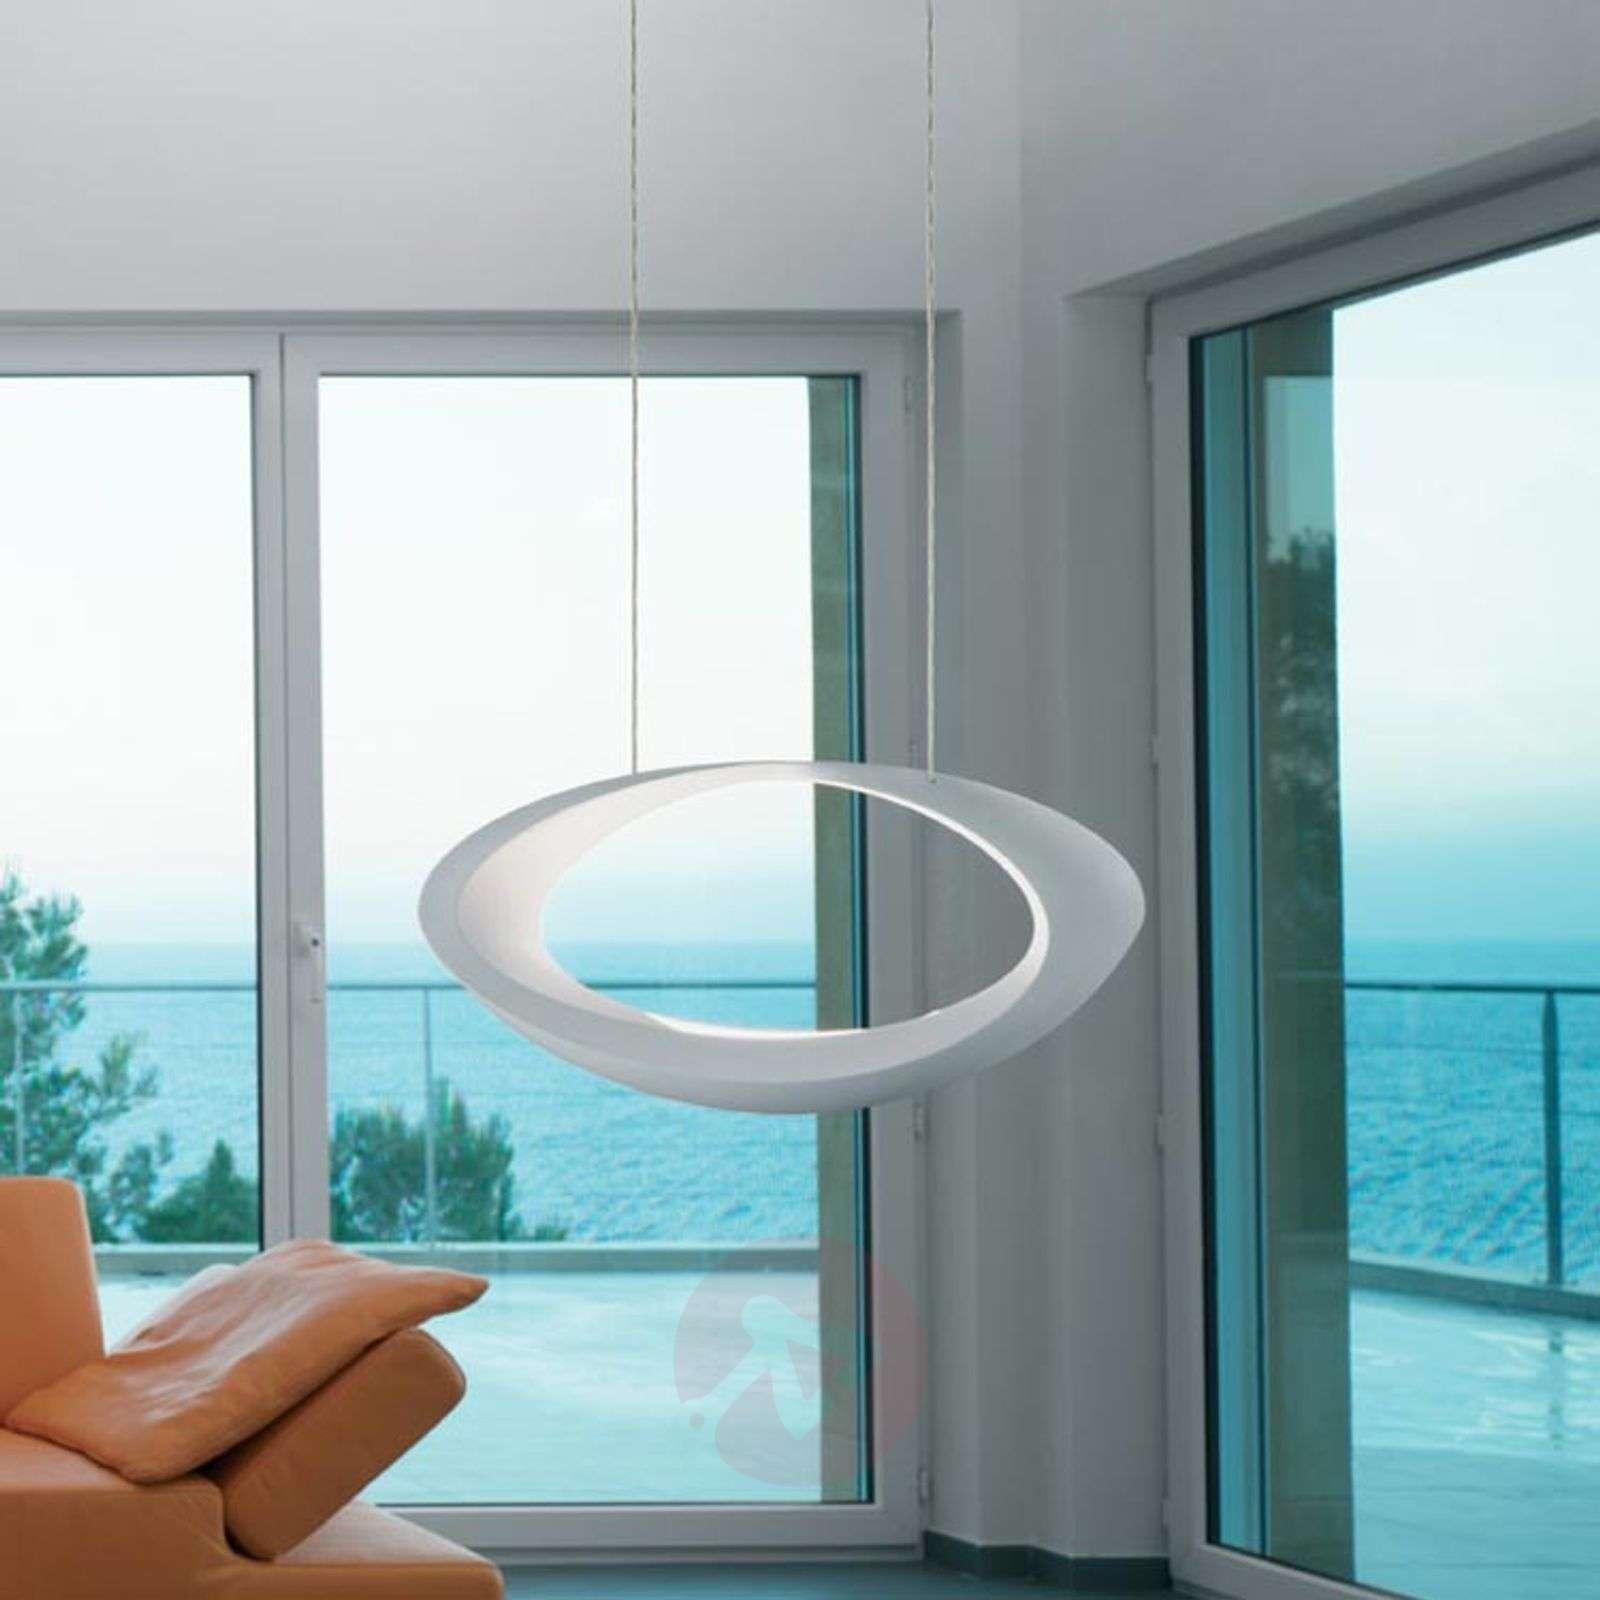 Valk. design-LED-riippuvalaisin Cabildo, 2700 K-1060013-01